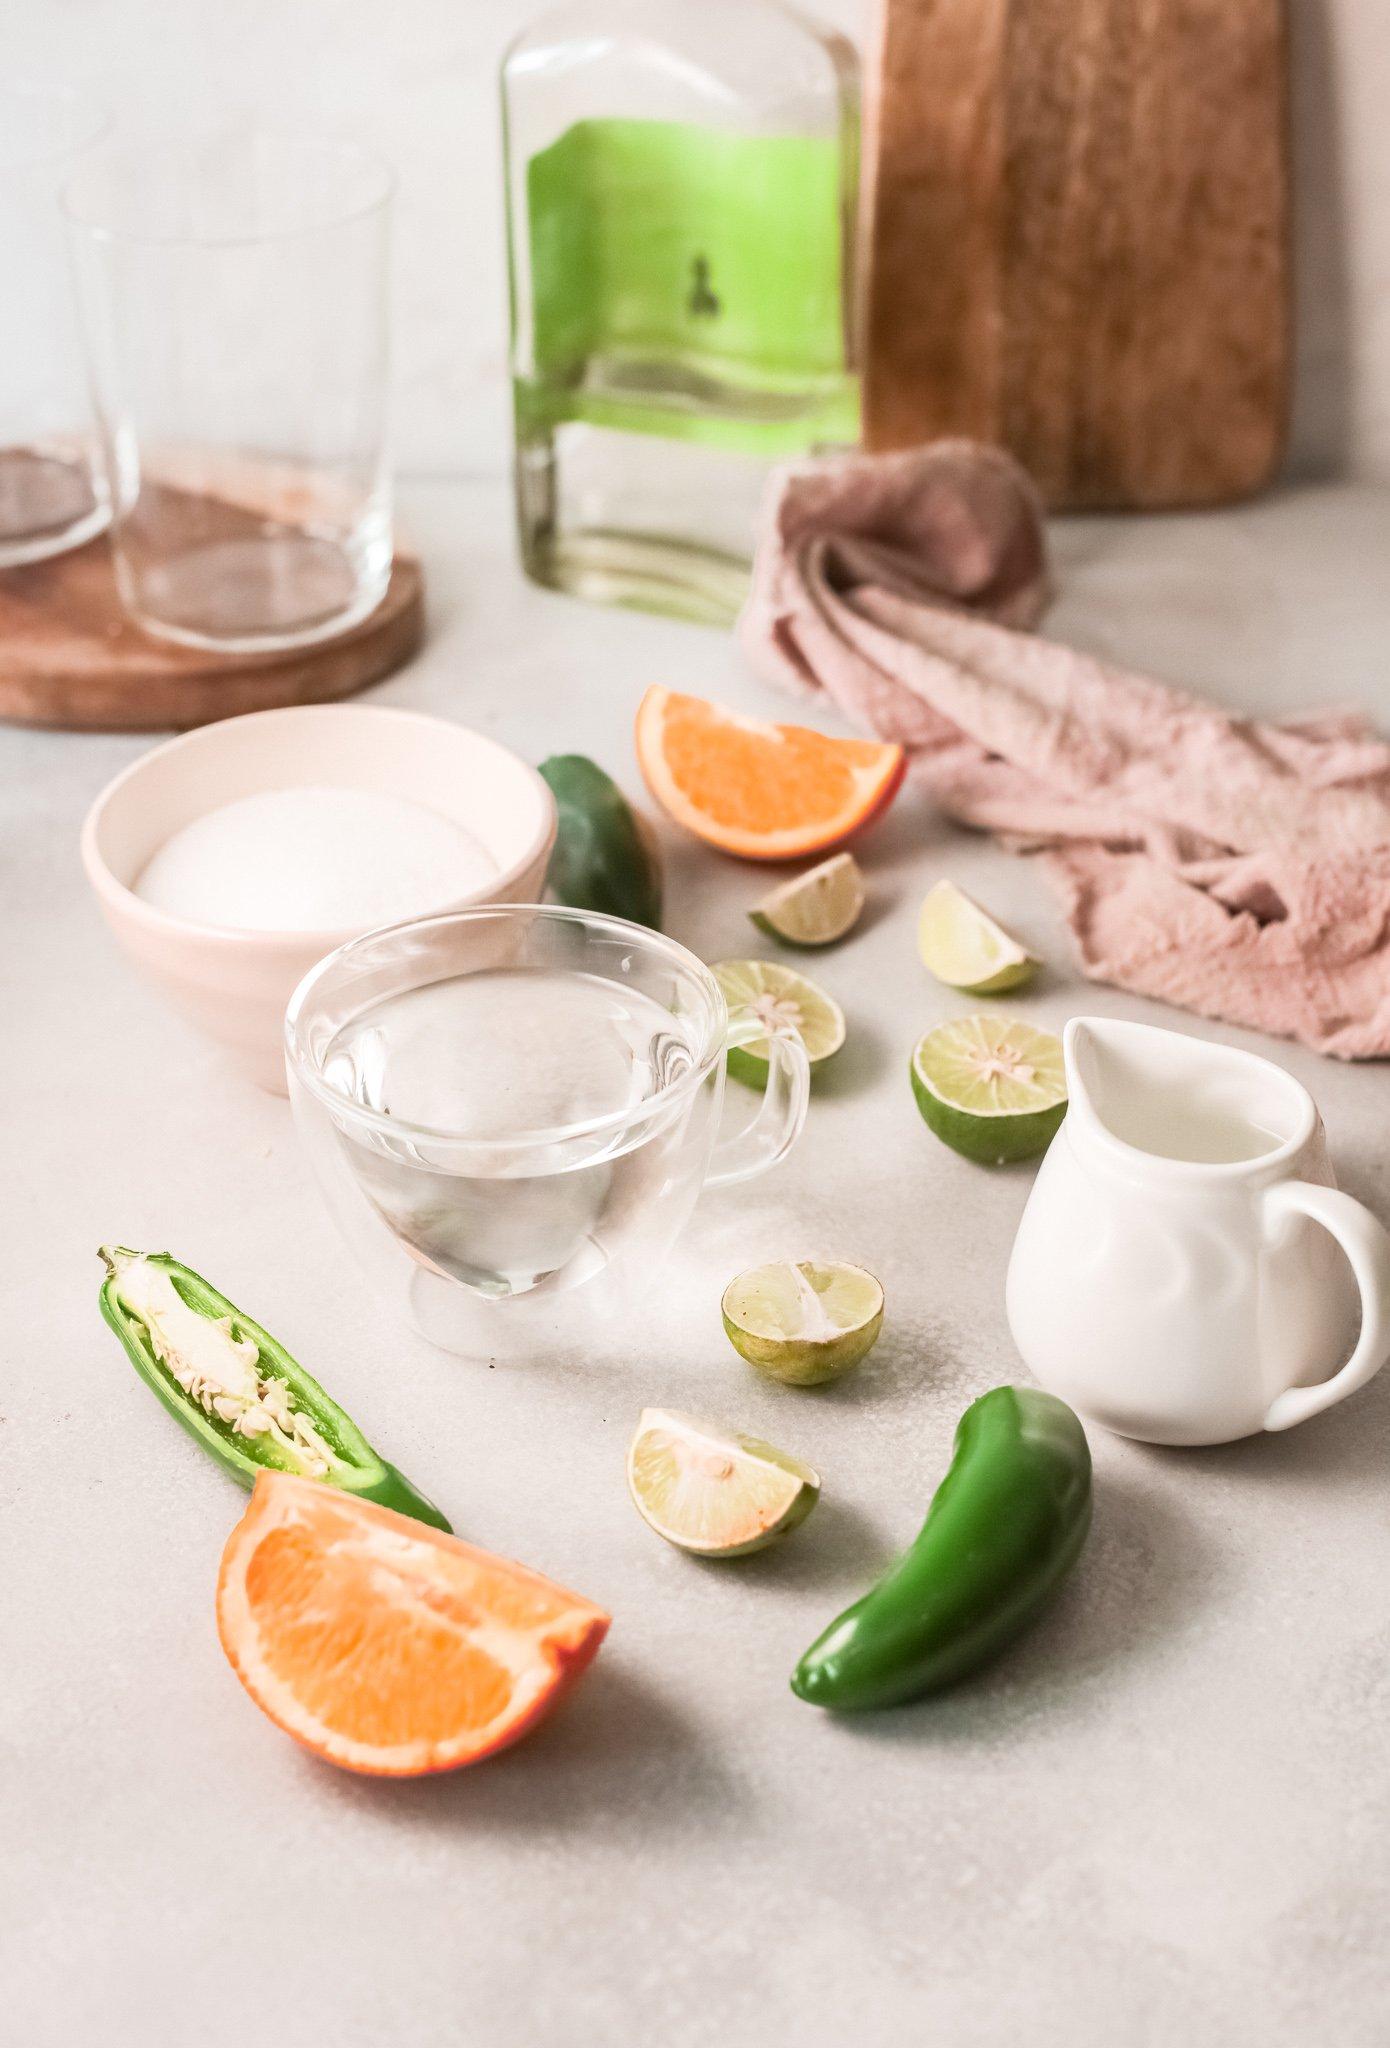 ingredients for spicy margaritas